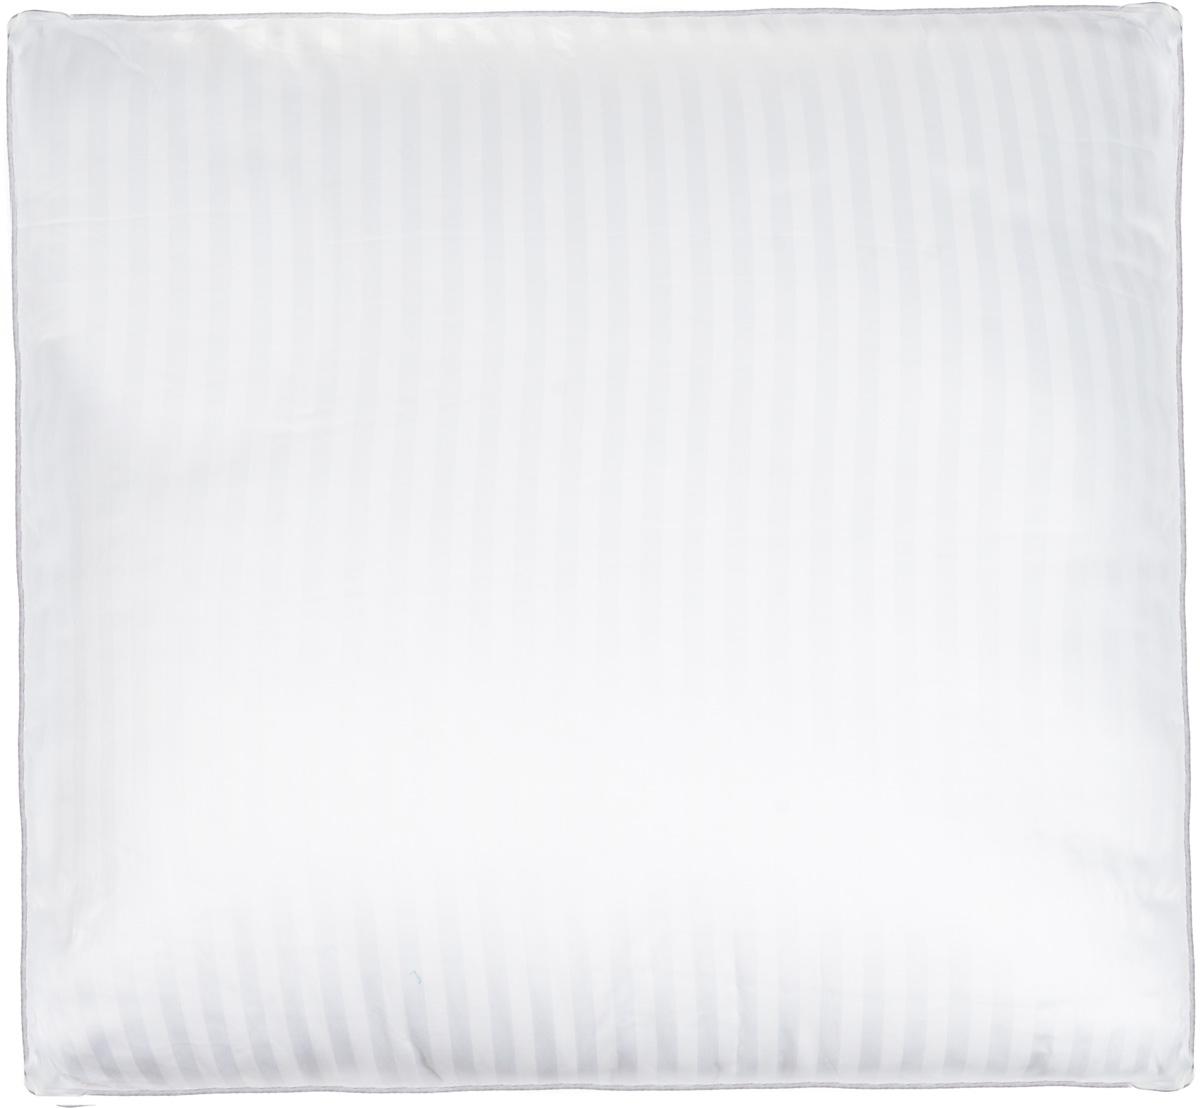 Подушка Легкие сны Элисон, наполнитель: лебяжий пух, 68 х 68 смV30 AC DCПодушка Легкие сны Элисон поможет расслабиться, снимет усталость и подарит вам спокойный и здоровый сон. В качестве наполнителя используется синтетический сверхтонкий и практически невесомый материал, названный лебяжьим пухом. Изделия с наполнителем из искусственного пуха легкие, мягкие и не вызывают аллергии. Чехол изделия выполнен из белоснежного сатина (100% хлопок) с тиснением страйп (полосы), по краю подушки выполнена отделка атласным кантом серого цвета. Подушка с таким наполнителем практична, легко стирается и быстро сохнет, сохраняя свои первоначальные свойства. Подушку можно стирать в стиральной машине. Степень поддержки: средняя.